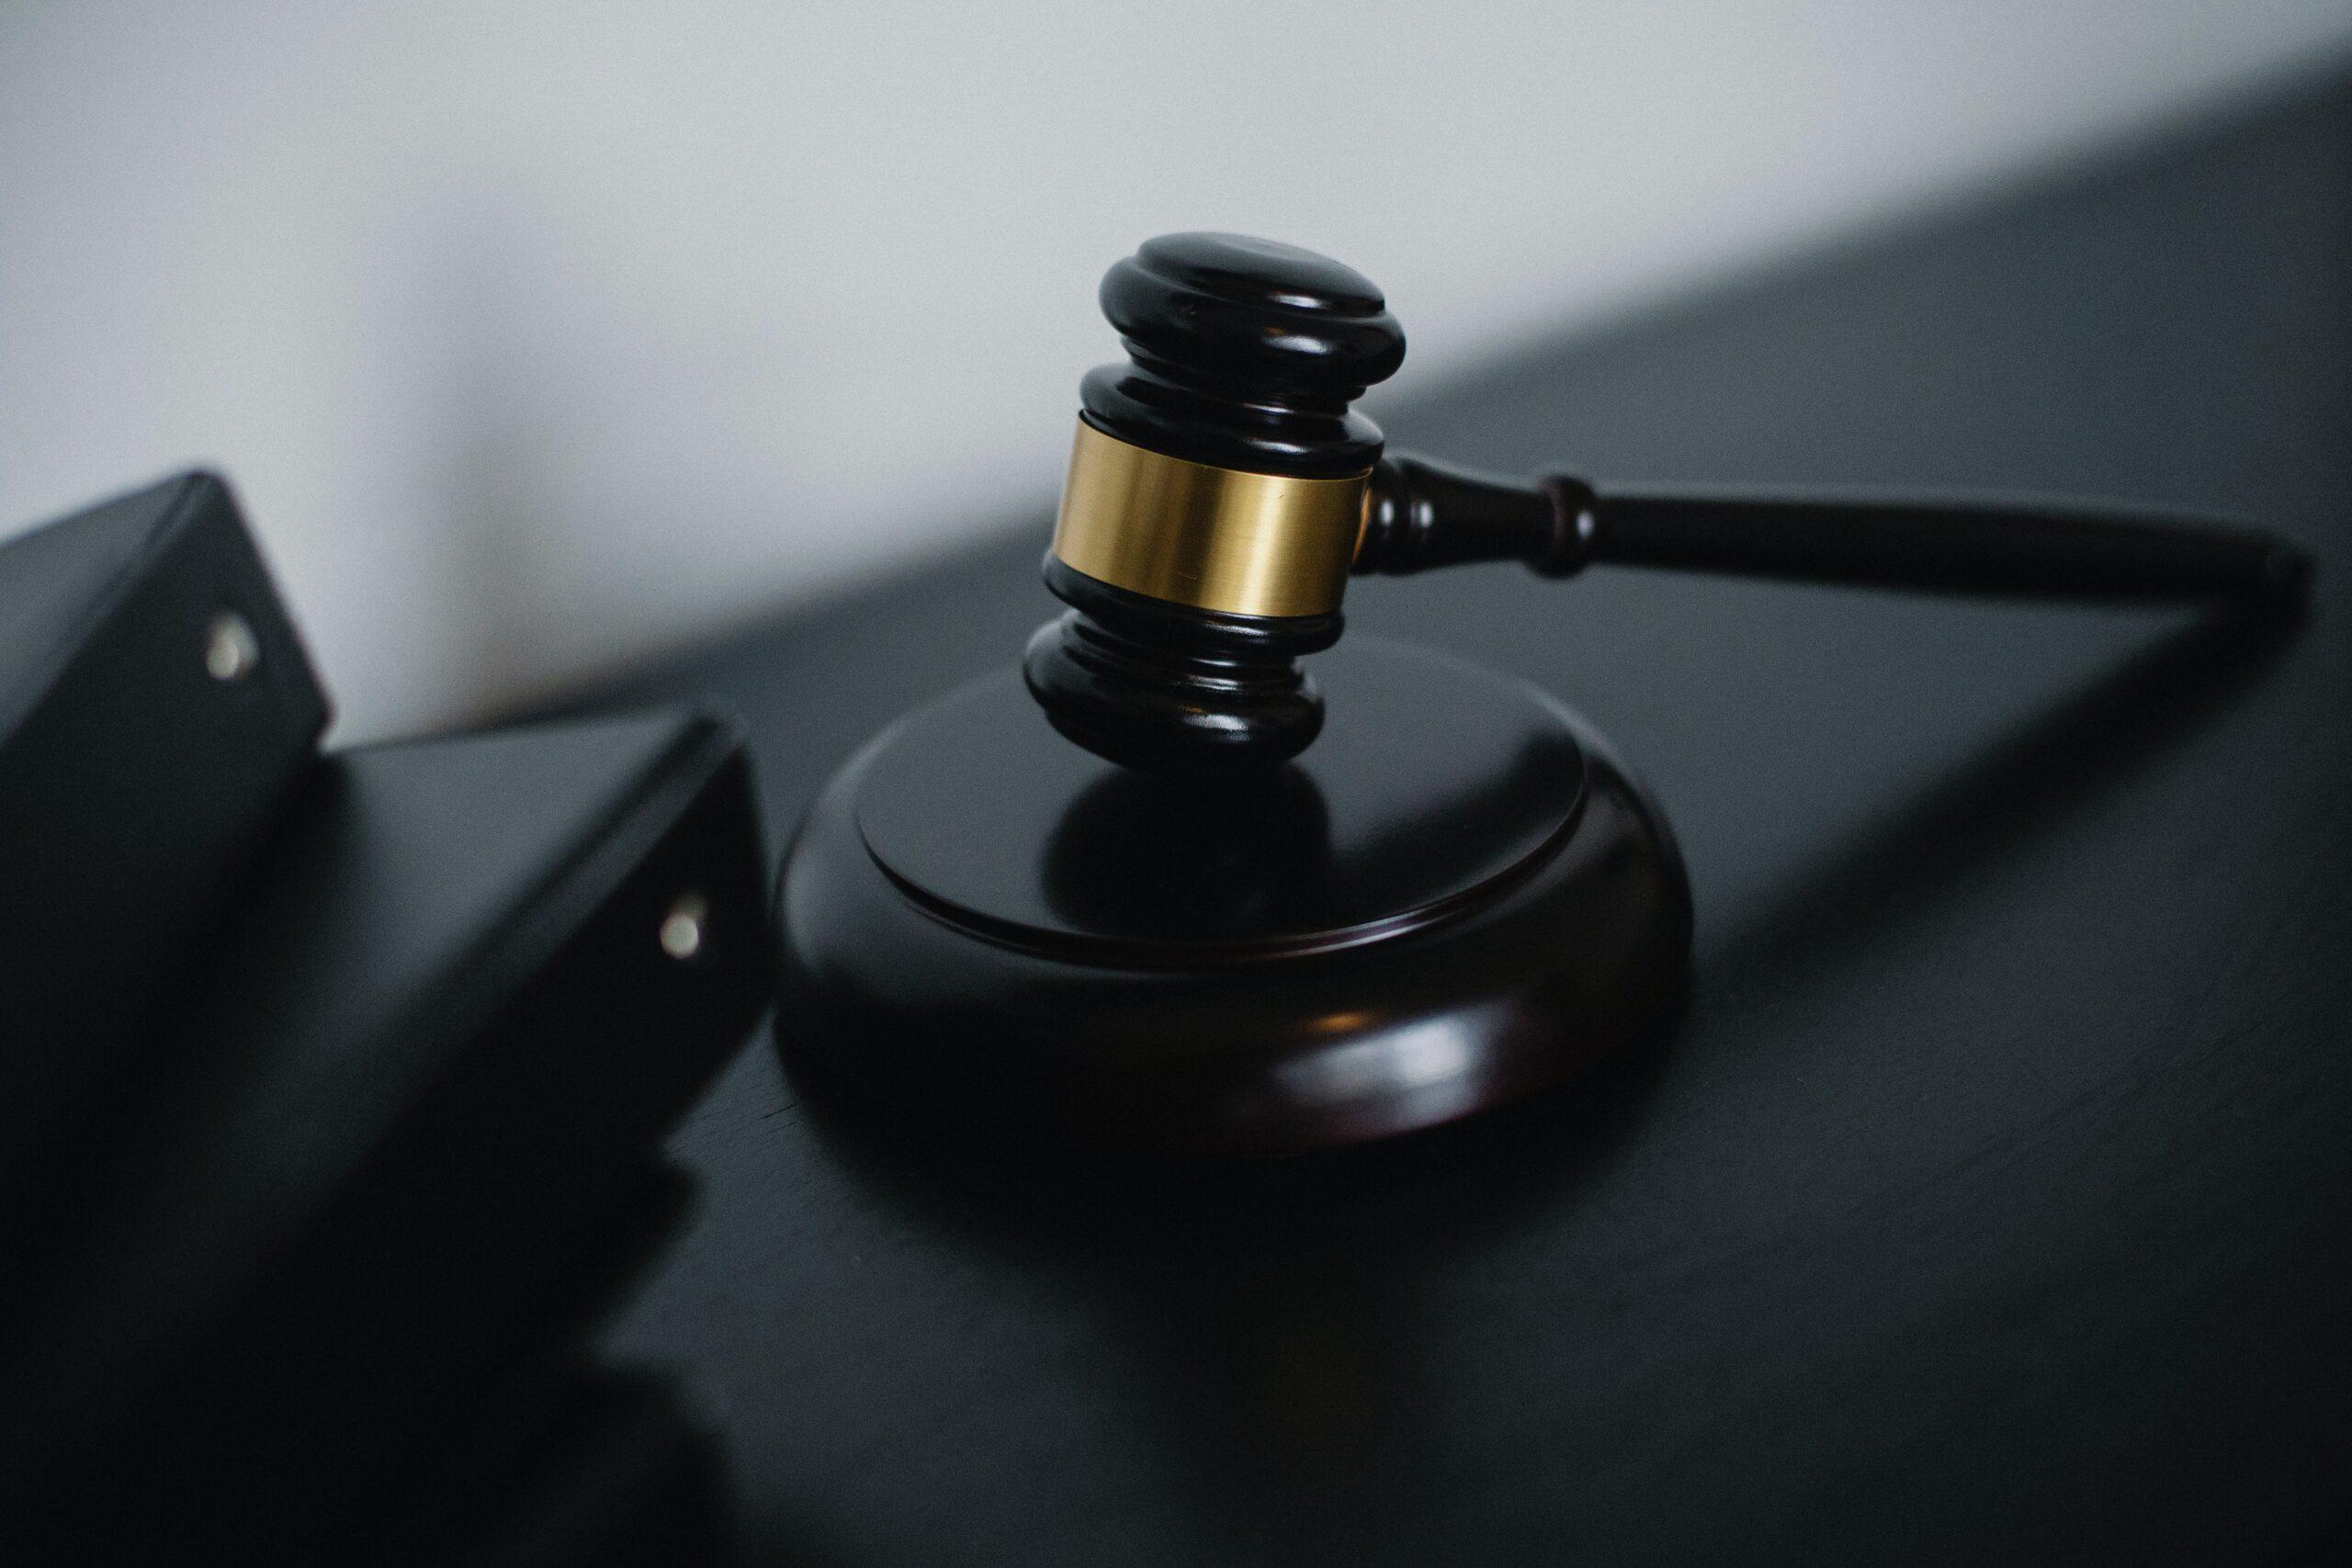 Tribunal de São Paulo reduz multa de rescisão de contrato de locação em shopping